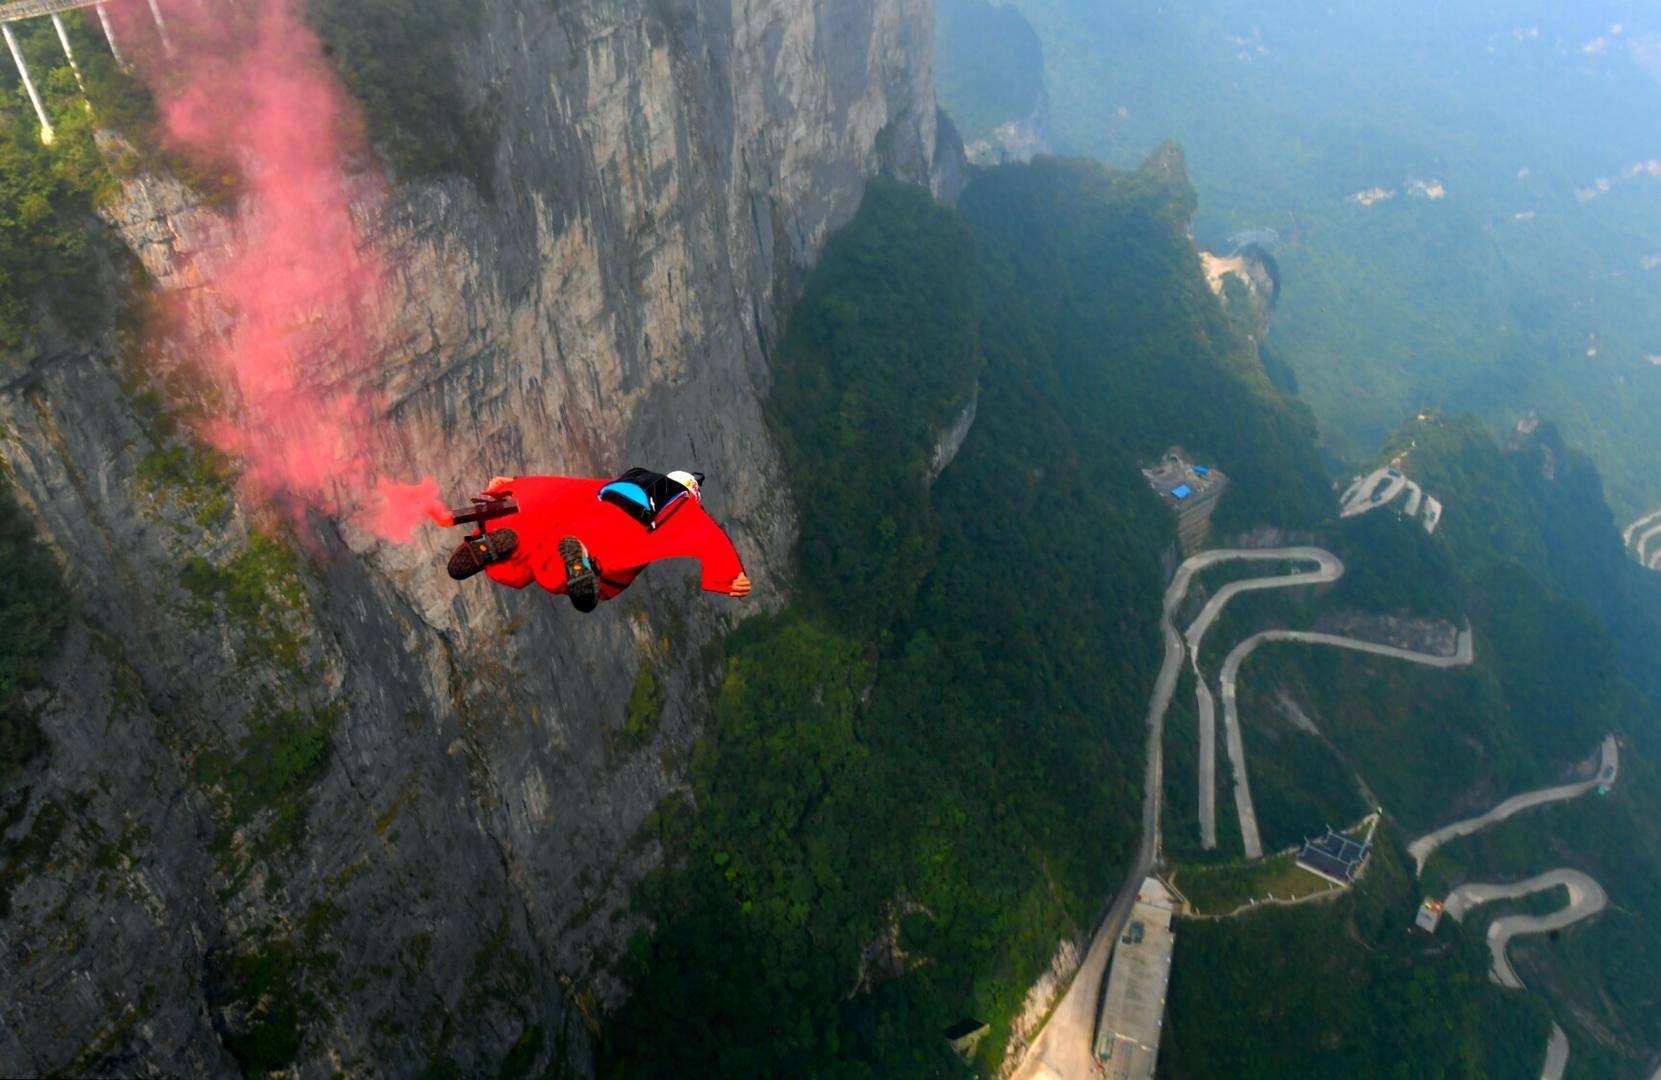 天门山翼装飞行失联女生不幸身亡  翼装飞行死亡率高达70%